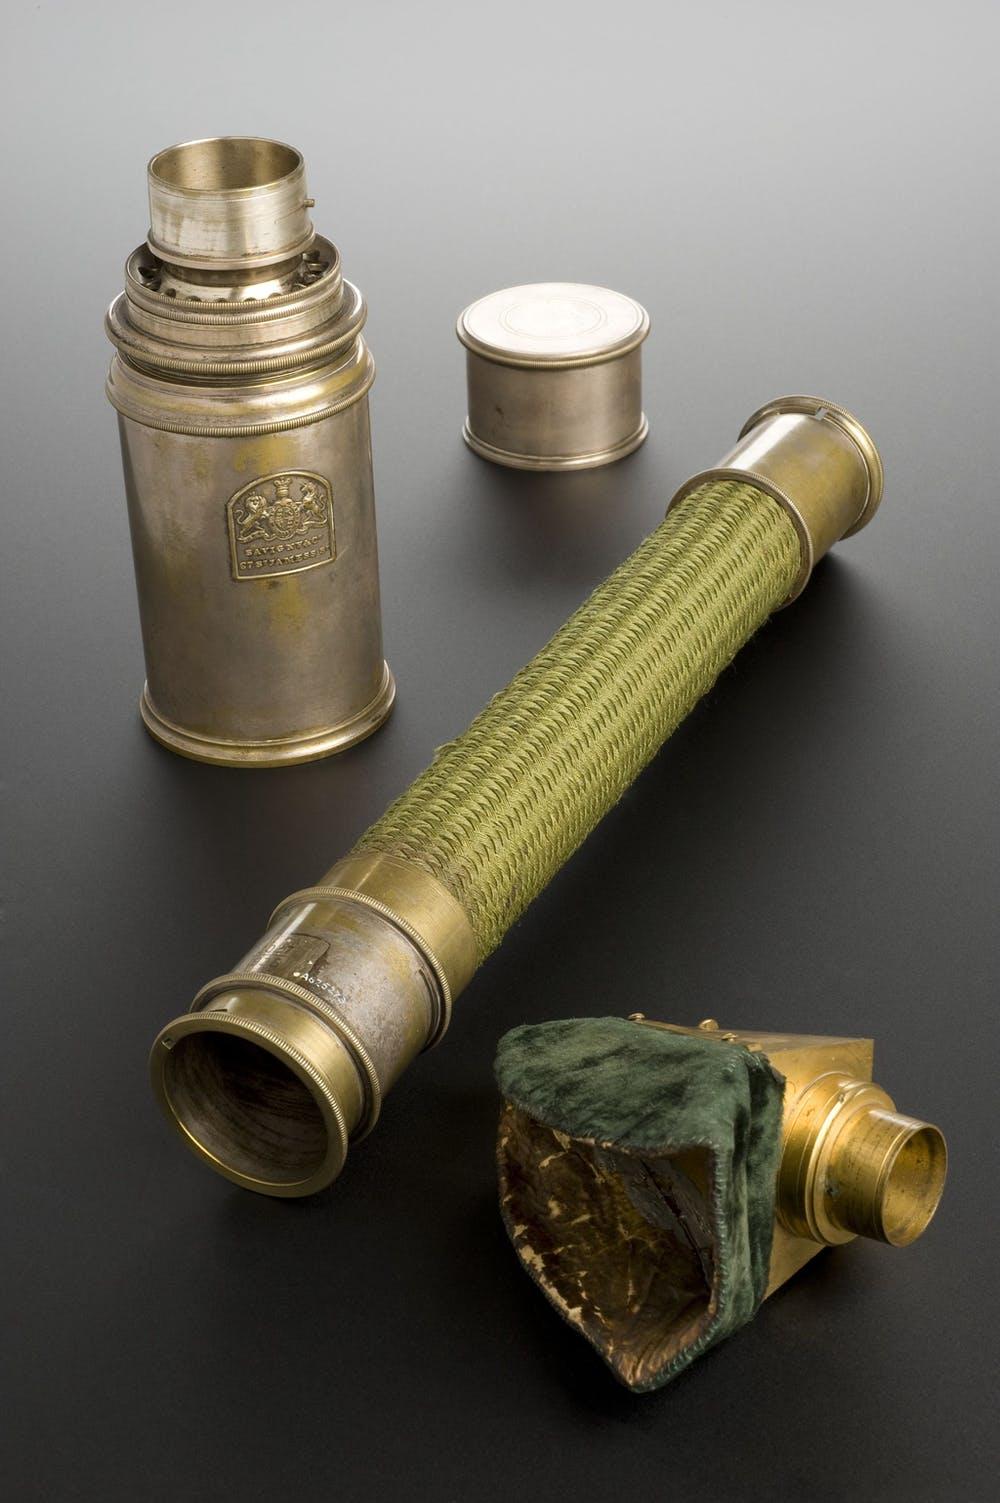 Ống hít chloroform mà bác sĩ John Snow đã sử dụng cho Nữ hoàng Victoria để giảm bớt cơn đau khi sinh nở. Ảnh: Wikimedia.